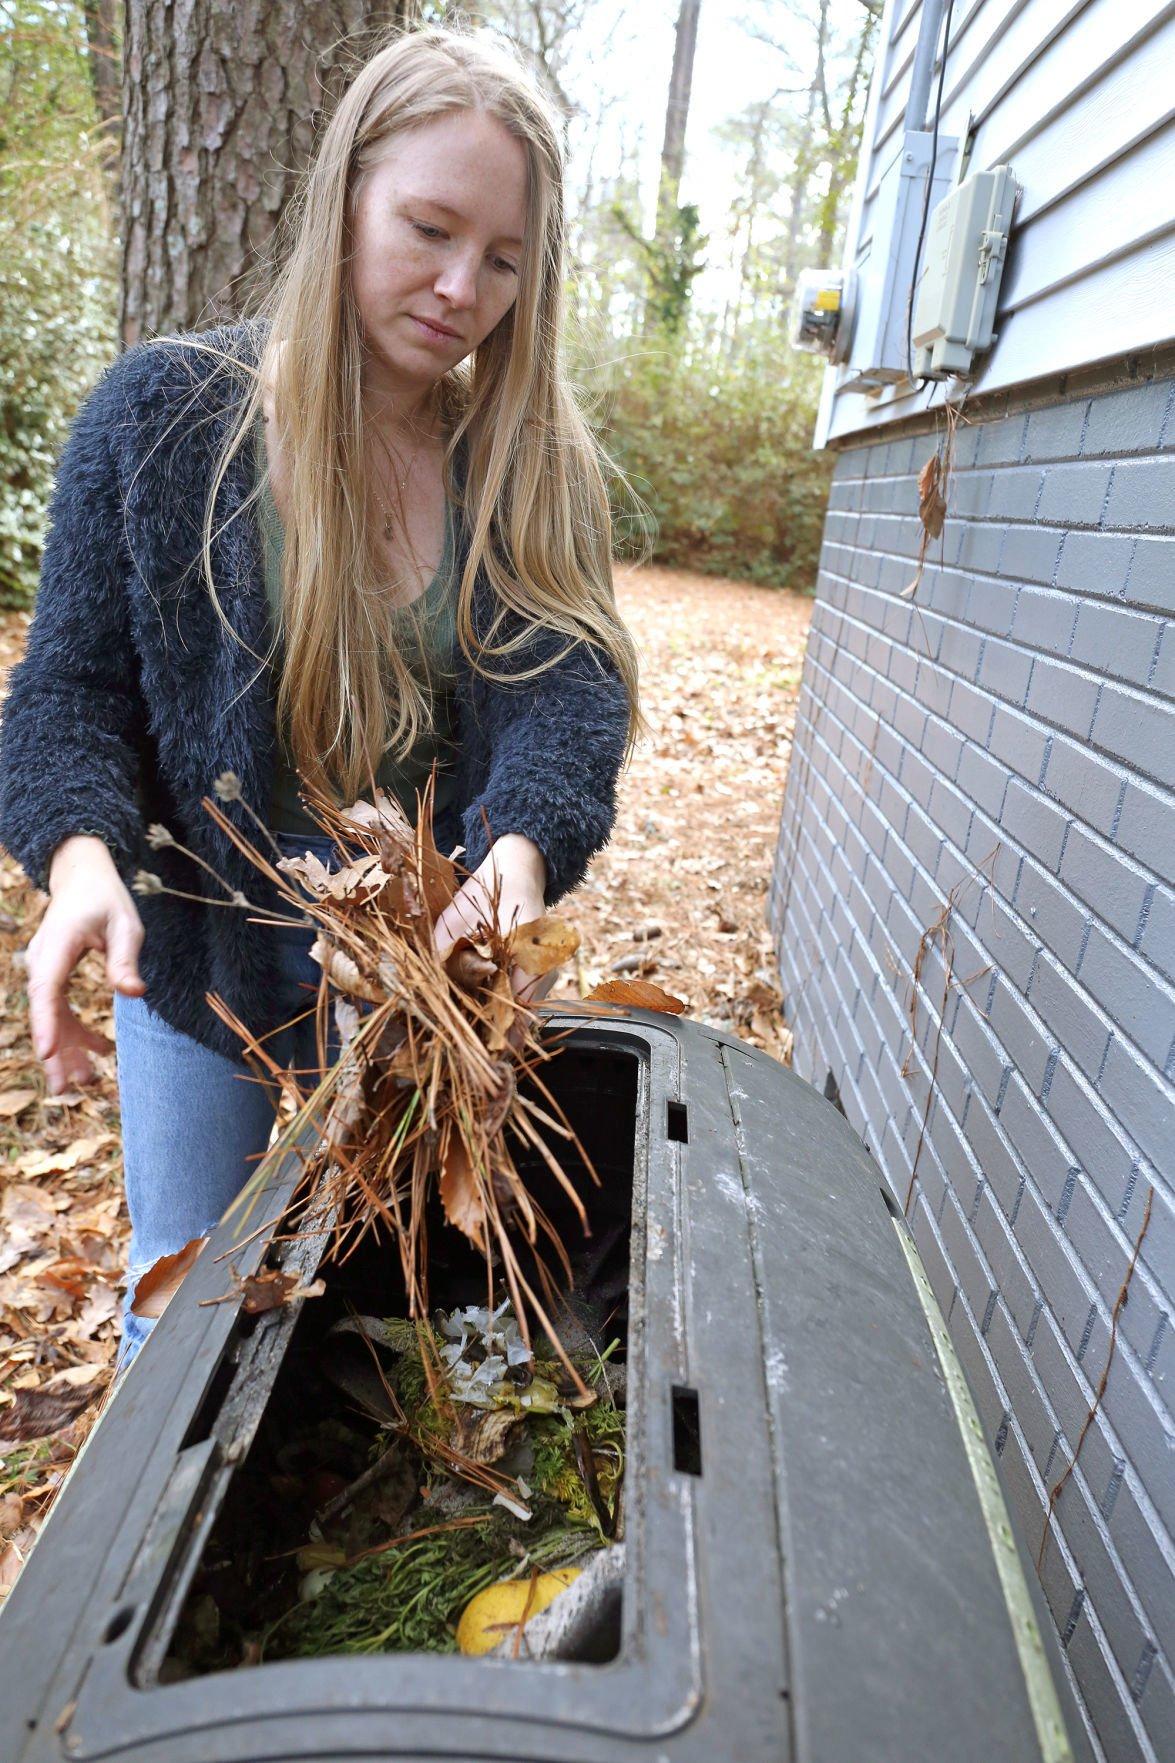 ECU graduate hoping to make composting easier in Greenville 5